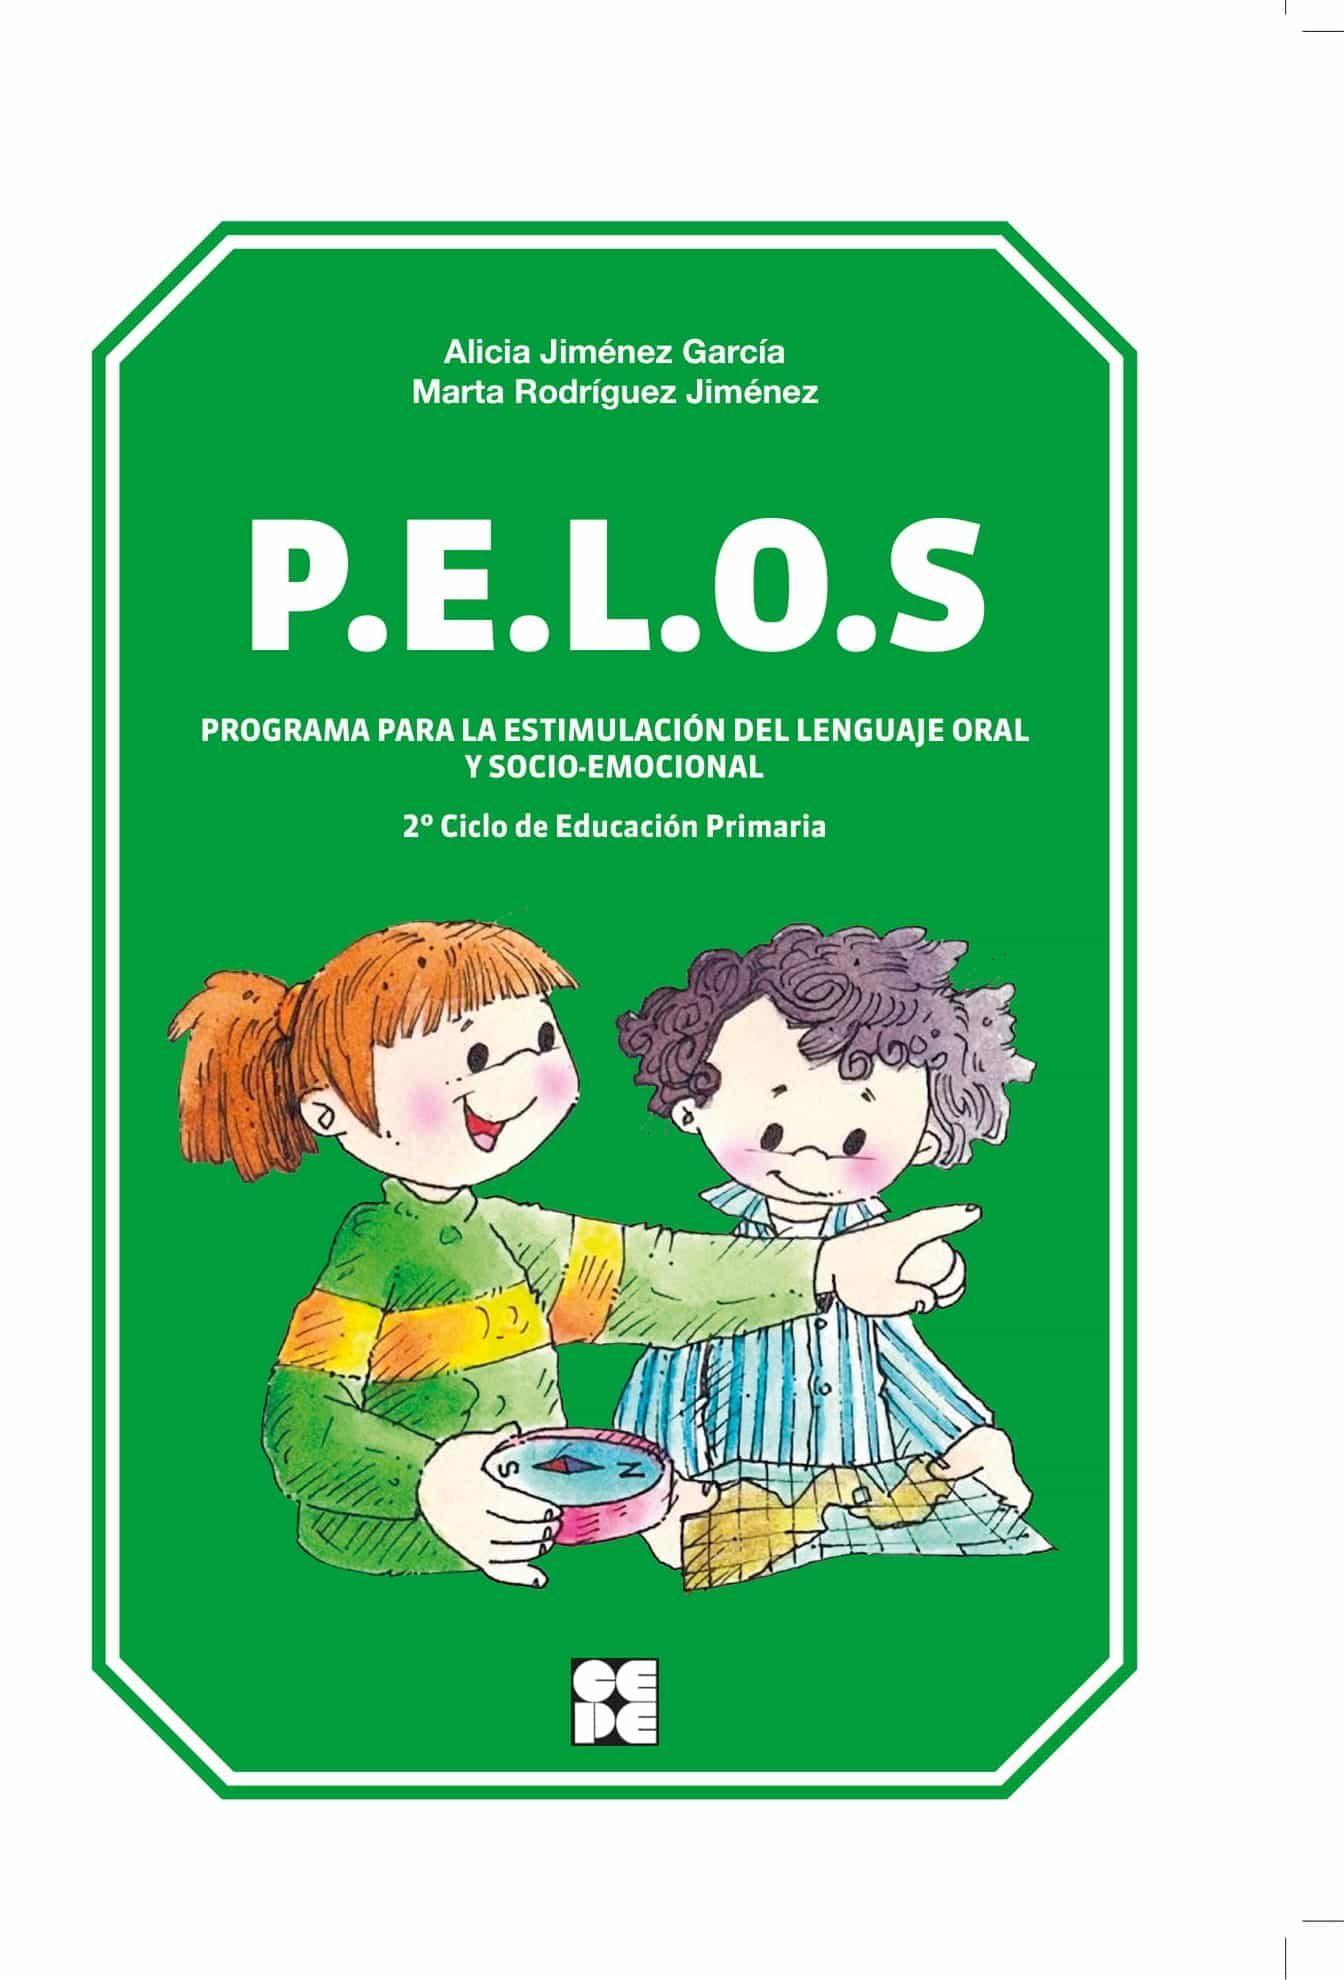 P.e.l.o.s. Programa Para La Estimulacion Del Lenguaje Oral Y Socio-emocional. 2º Ciclo Educacion Primaria por Alicia Jimenez Garcia